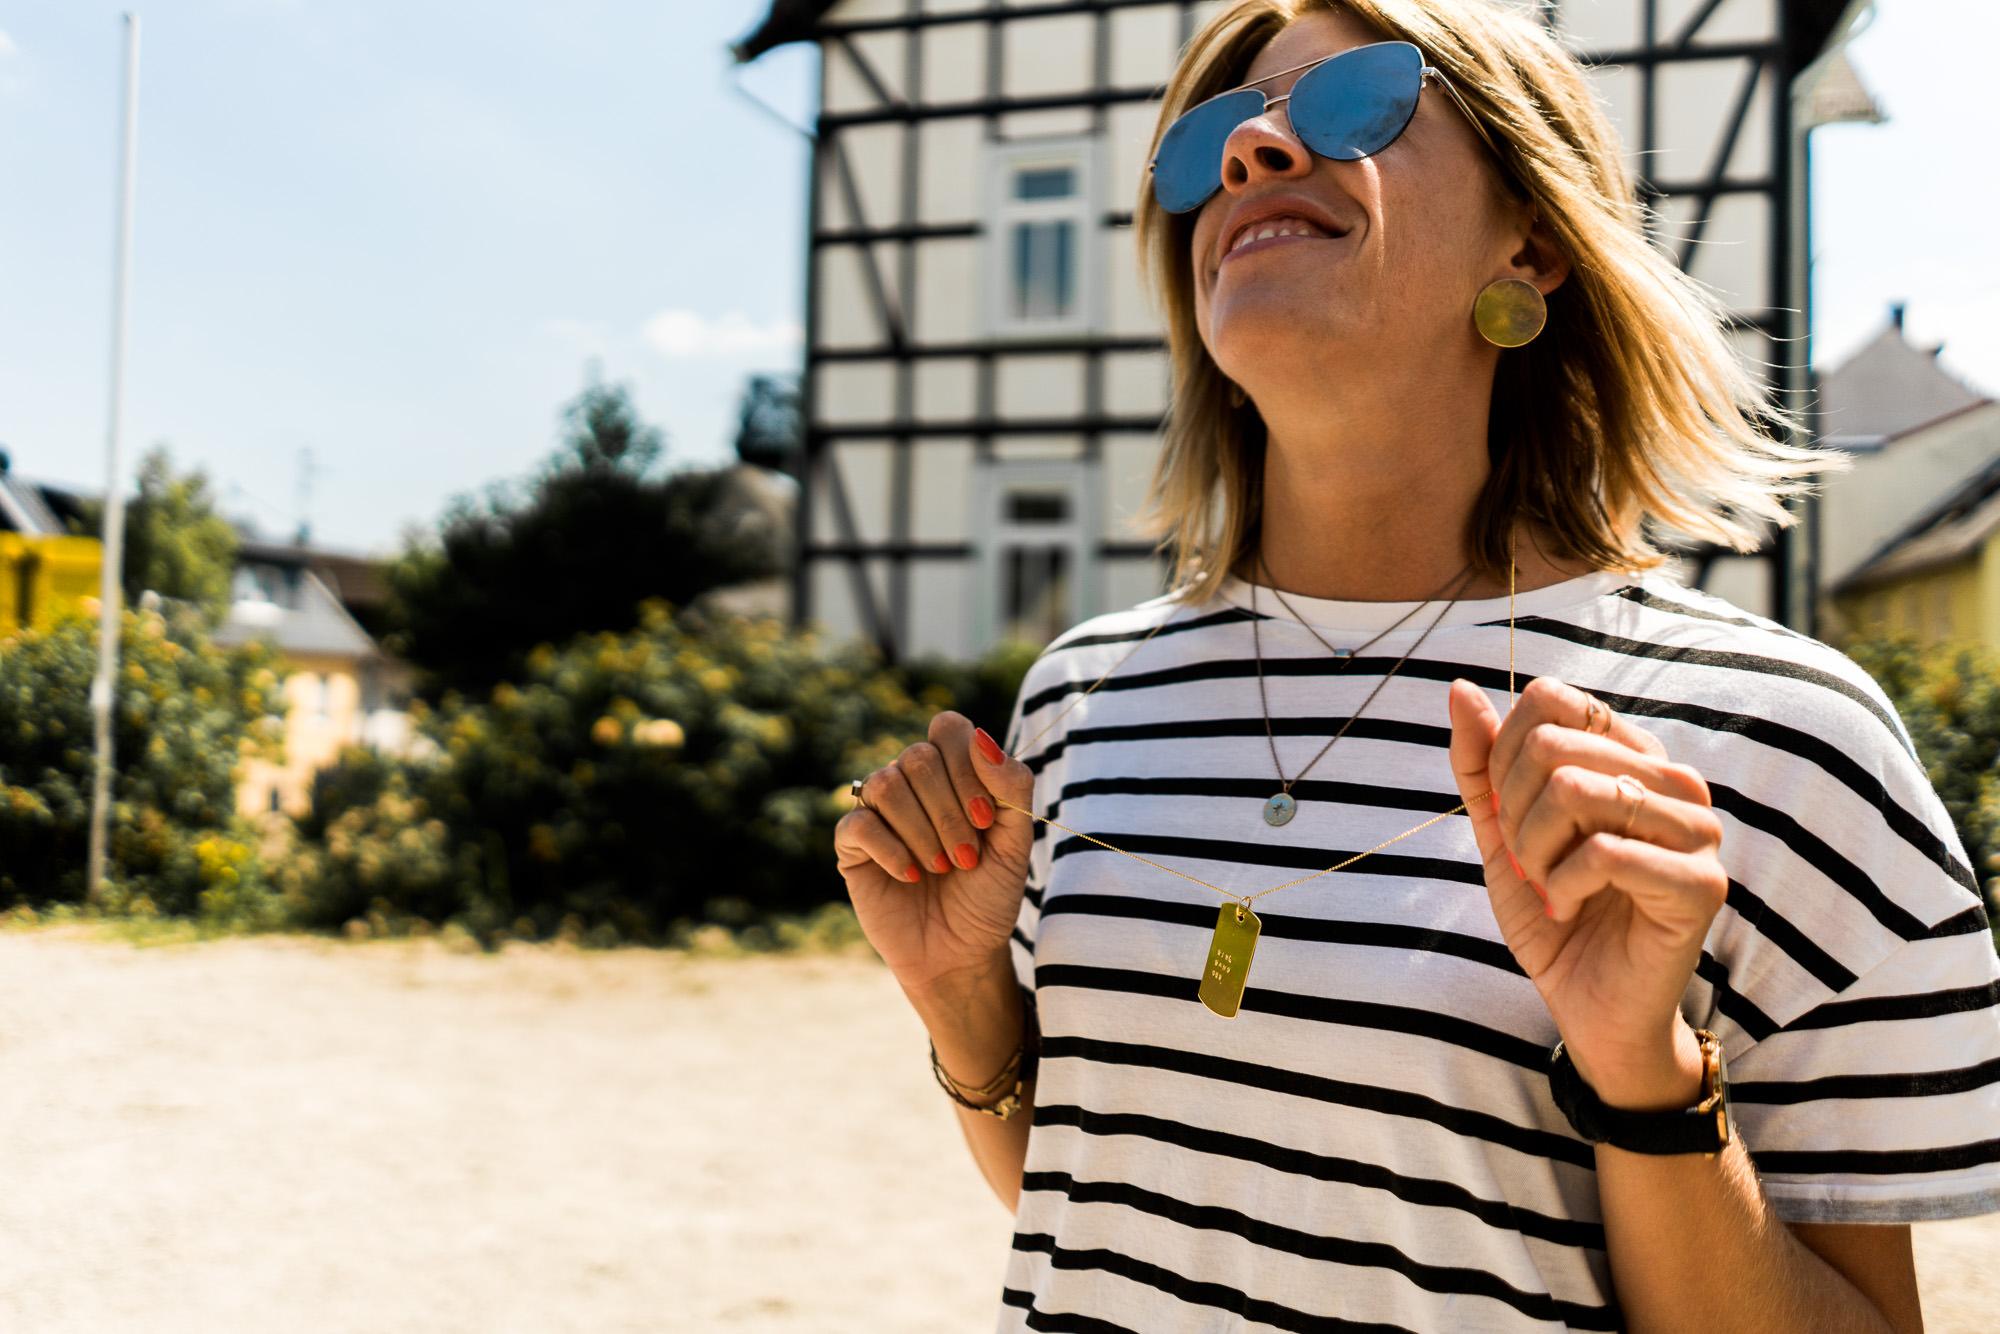 Alleskönner Streifenshirt: Ein letzter sommerlicher Outfit-Gruß aus Martinsthal